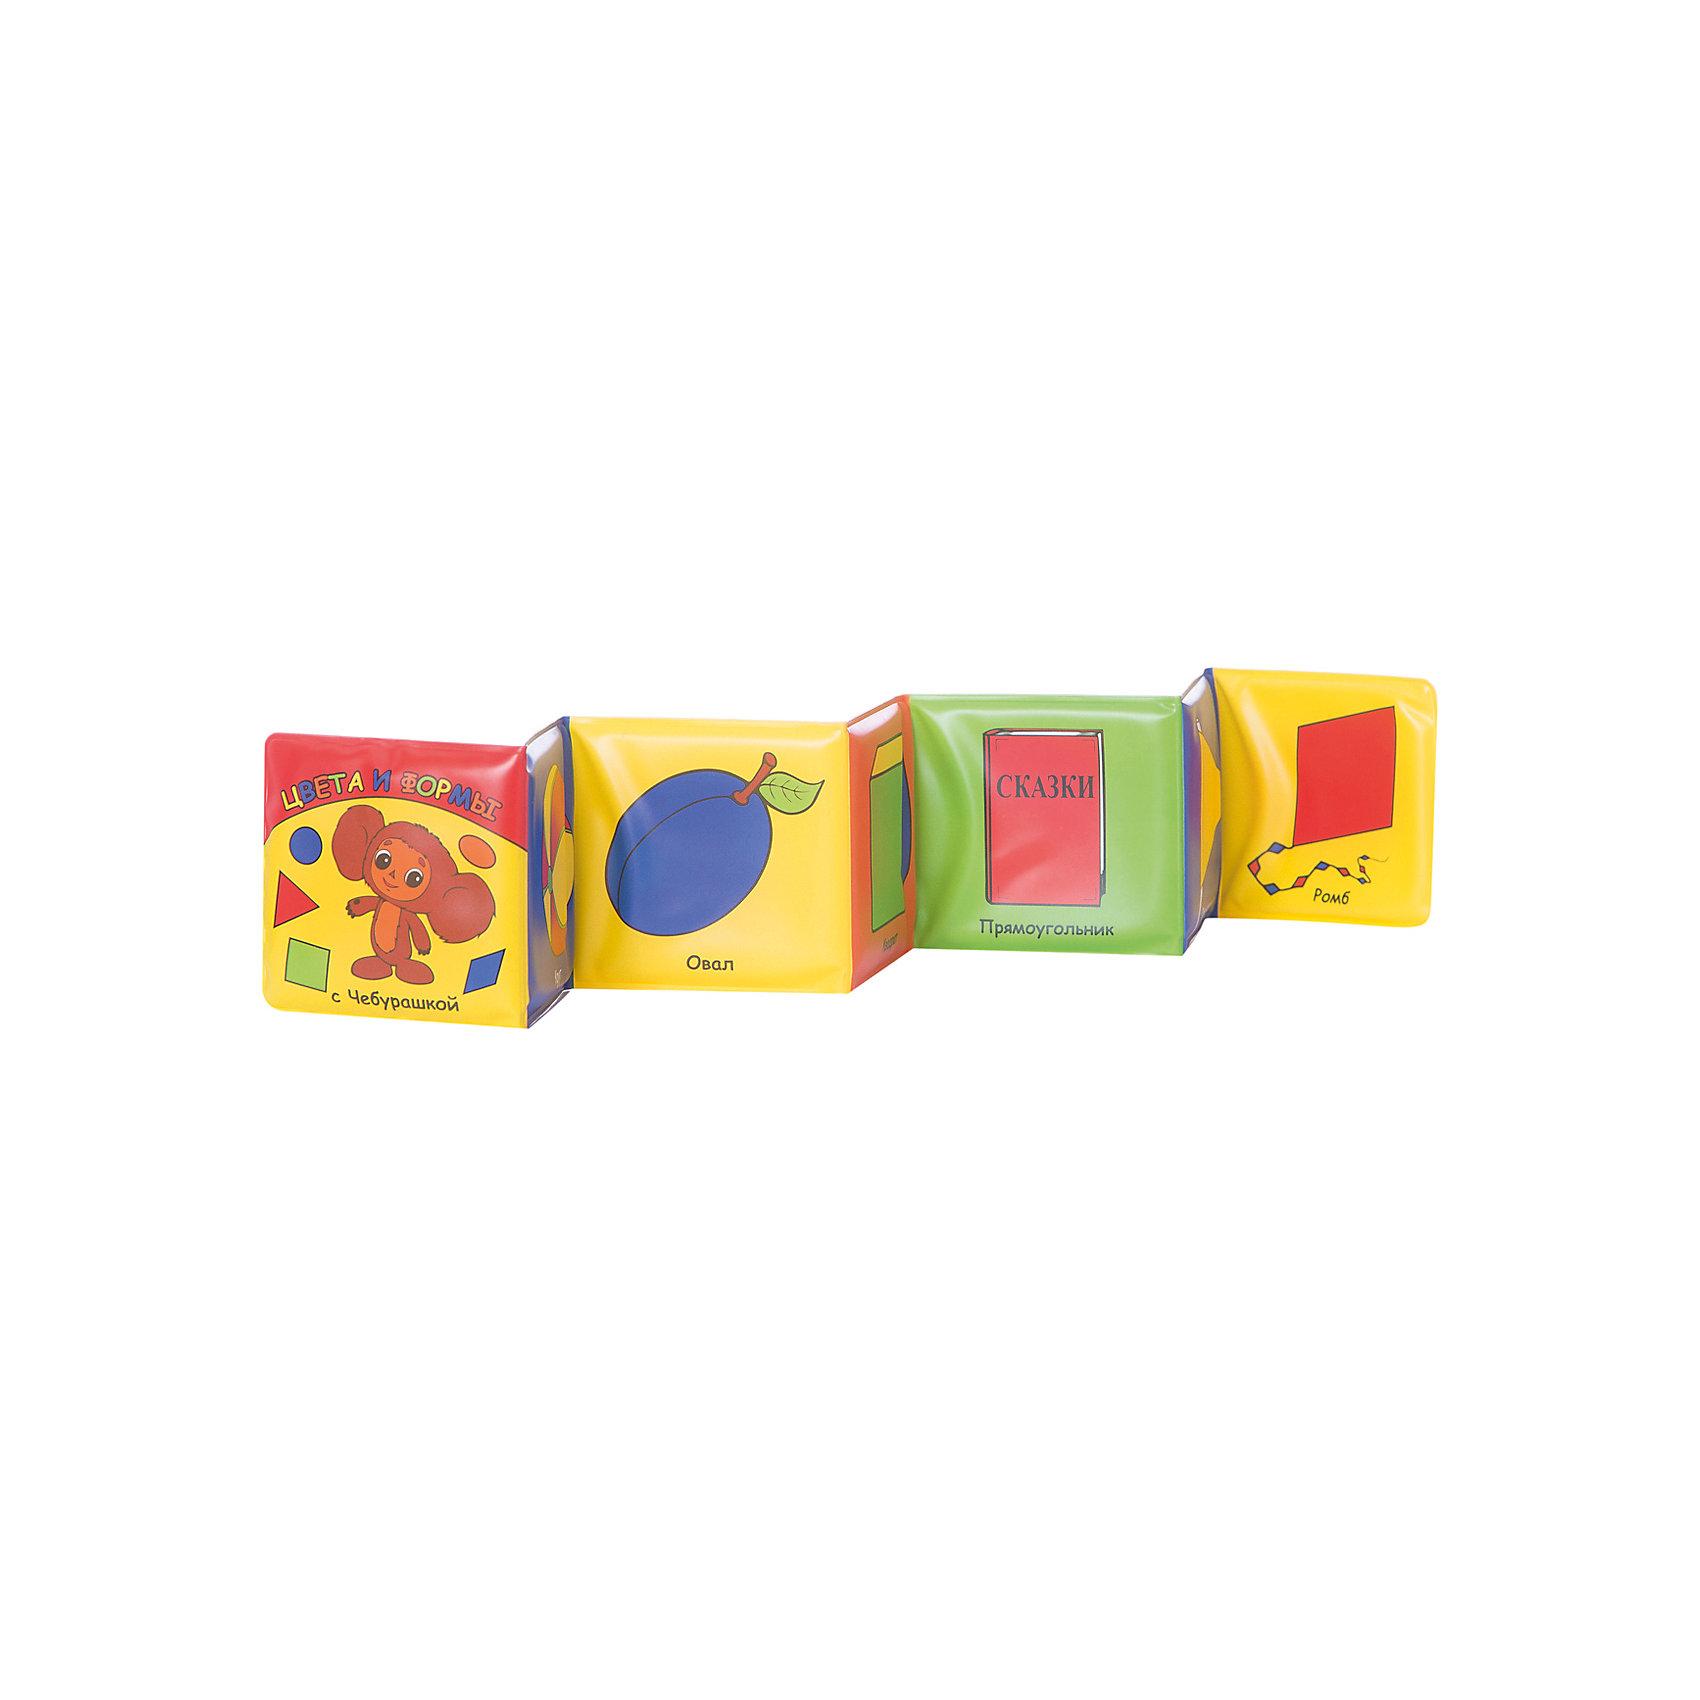 Книга для ванной Цвета и формы с ЧебурашкойУмка<br>Книга для ванны Цвета и формы с Чебурашкой, Умка. <br>Непромокаемая книжечка-раскладушка реагирует на нажатия. С этой книгой Ваш ребёнок может купаться и слушать песенку одновременно!<br><br>Дополнительная информация:<br><br>Серия: Книга для ванны с песенкой<br>Формат: 80х80 мм<br> Переплет: ПВХ.  <br>Объем: 14стр. <br>Батарейки: не заменяемые. <br><br>Станет прекрасным подарком Вашему малышу!<br><br>Ширина мм: 100<br>Глубина мм: 30<br>Высота мм: 150<br>Вес г: 100<br>Возраст от месяцев: 24<br>Возраст до месяцев: 60<br>Пол: Унисекс<br>Возраст: Детский<br>SKU: 3315432